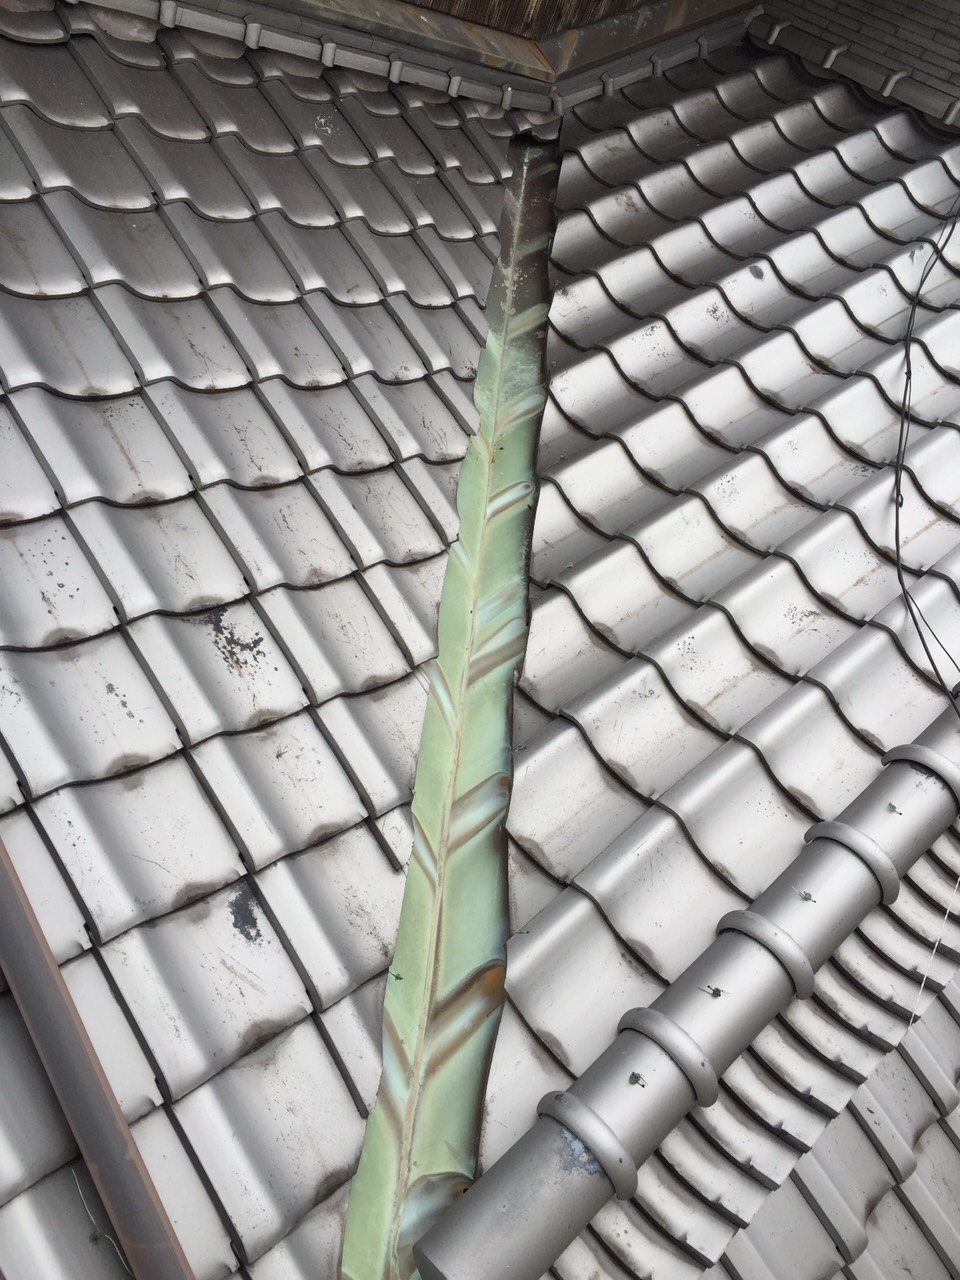 早島町雨漏り補修工事 施工前の写真①